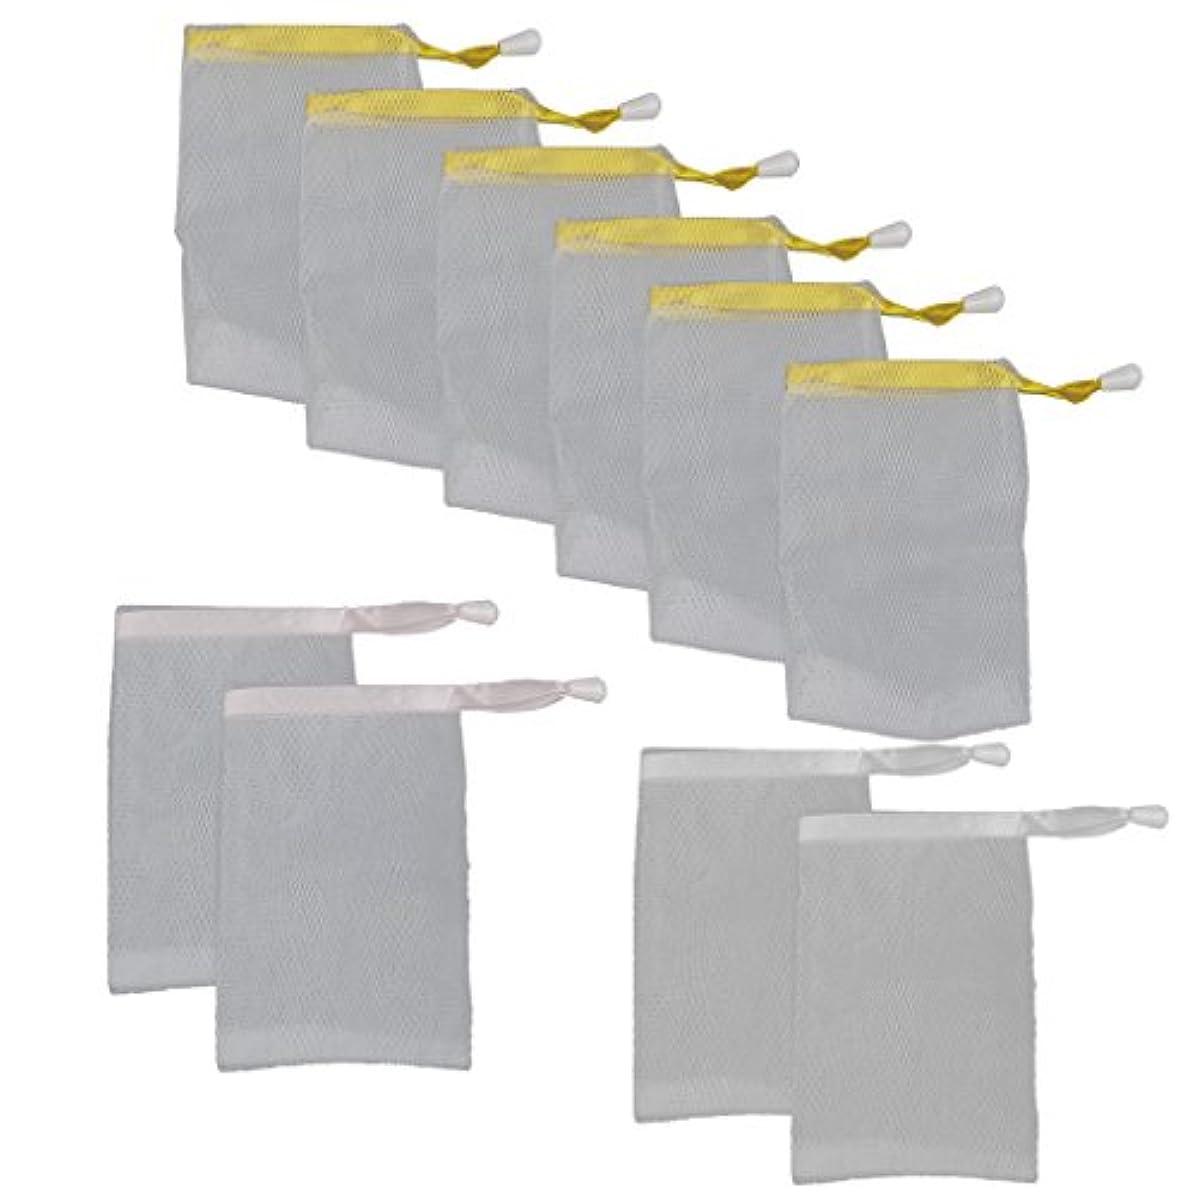 空虚剪断ナースHomyl メッシュ製 泡立て ホイップ 石鹸 ポーチ ネット ホルダー 巾着バッグ 10個